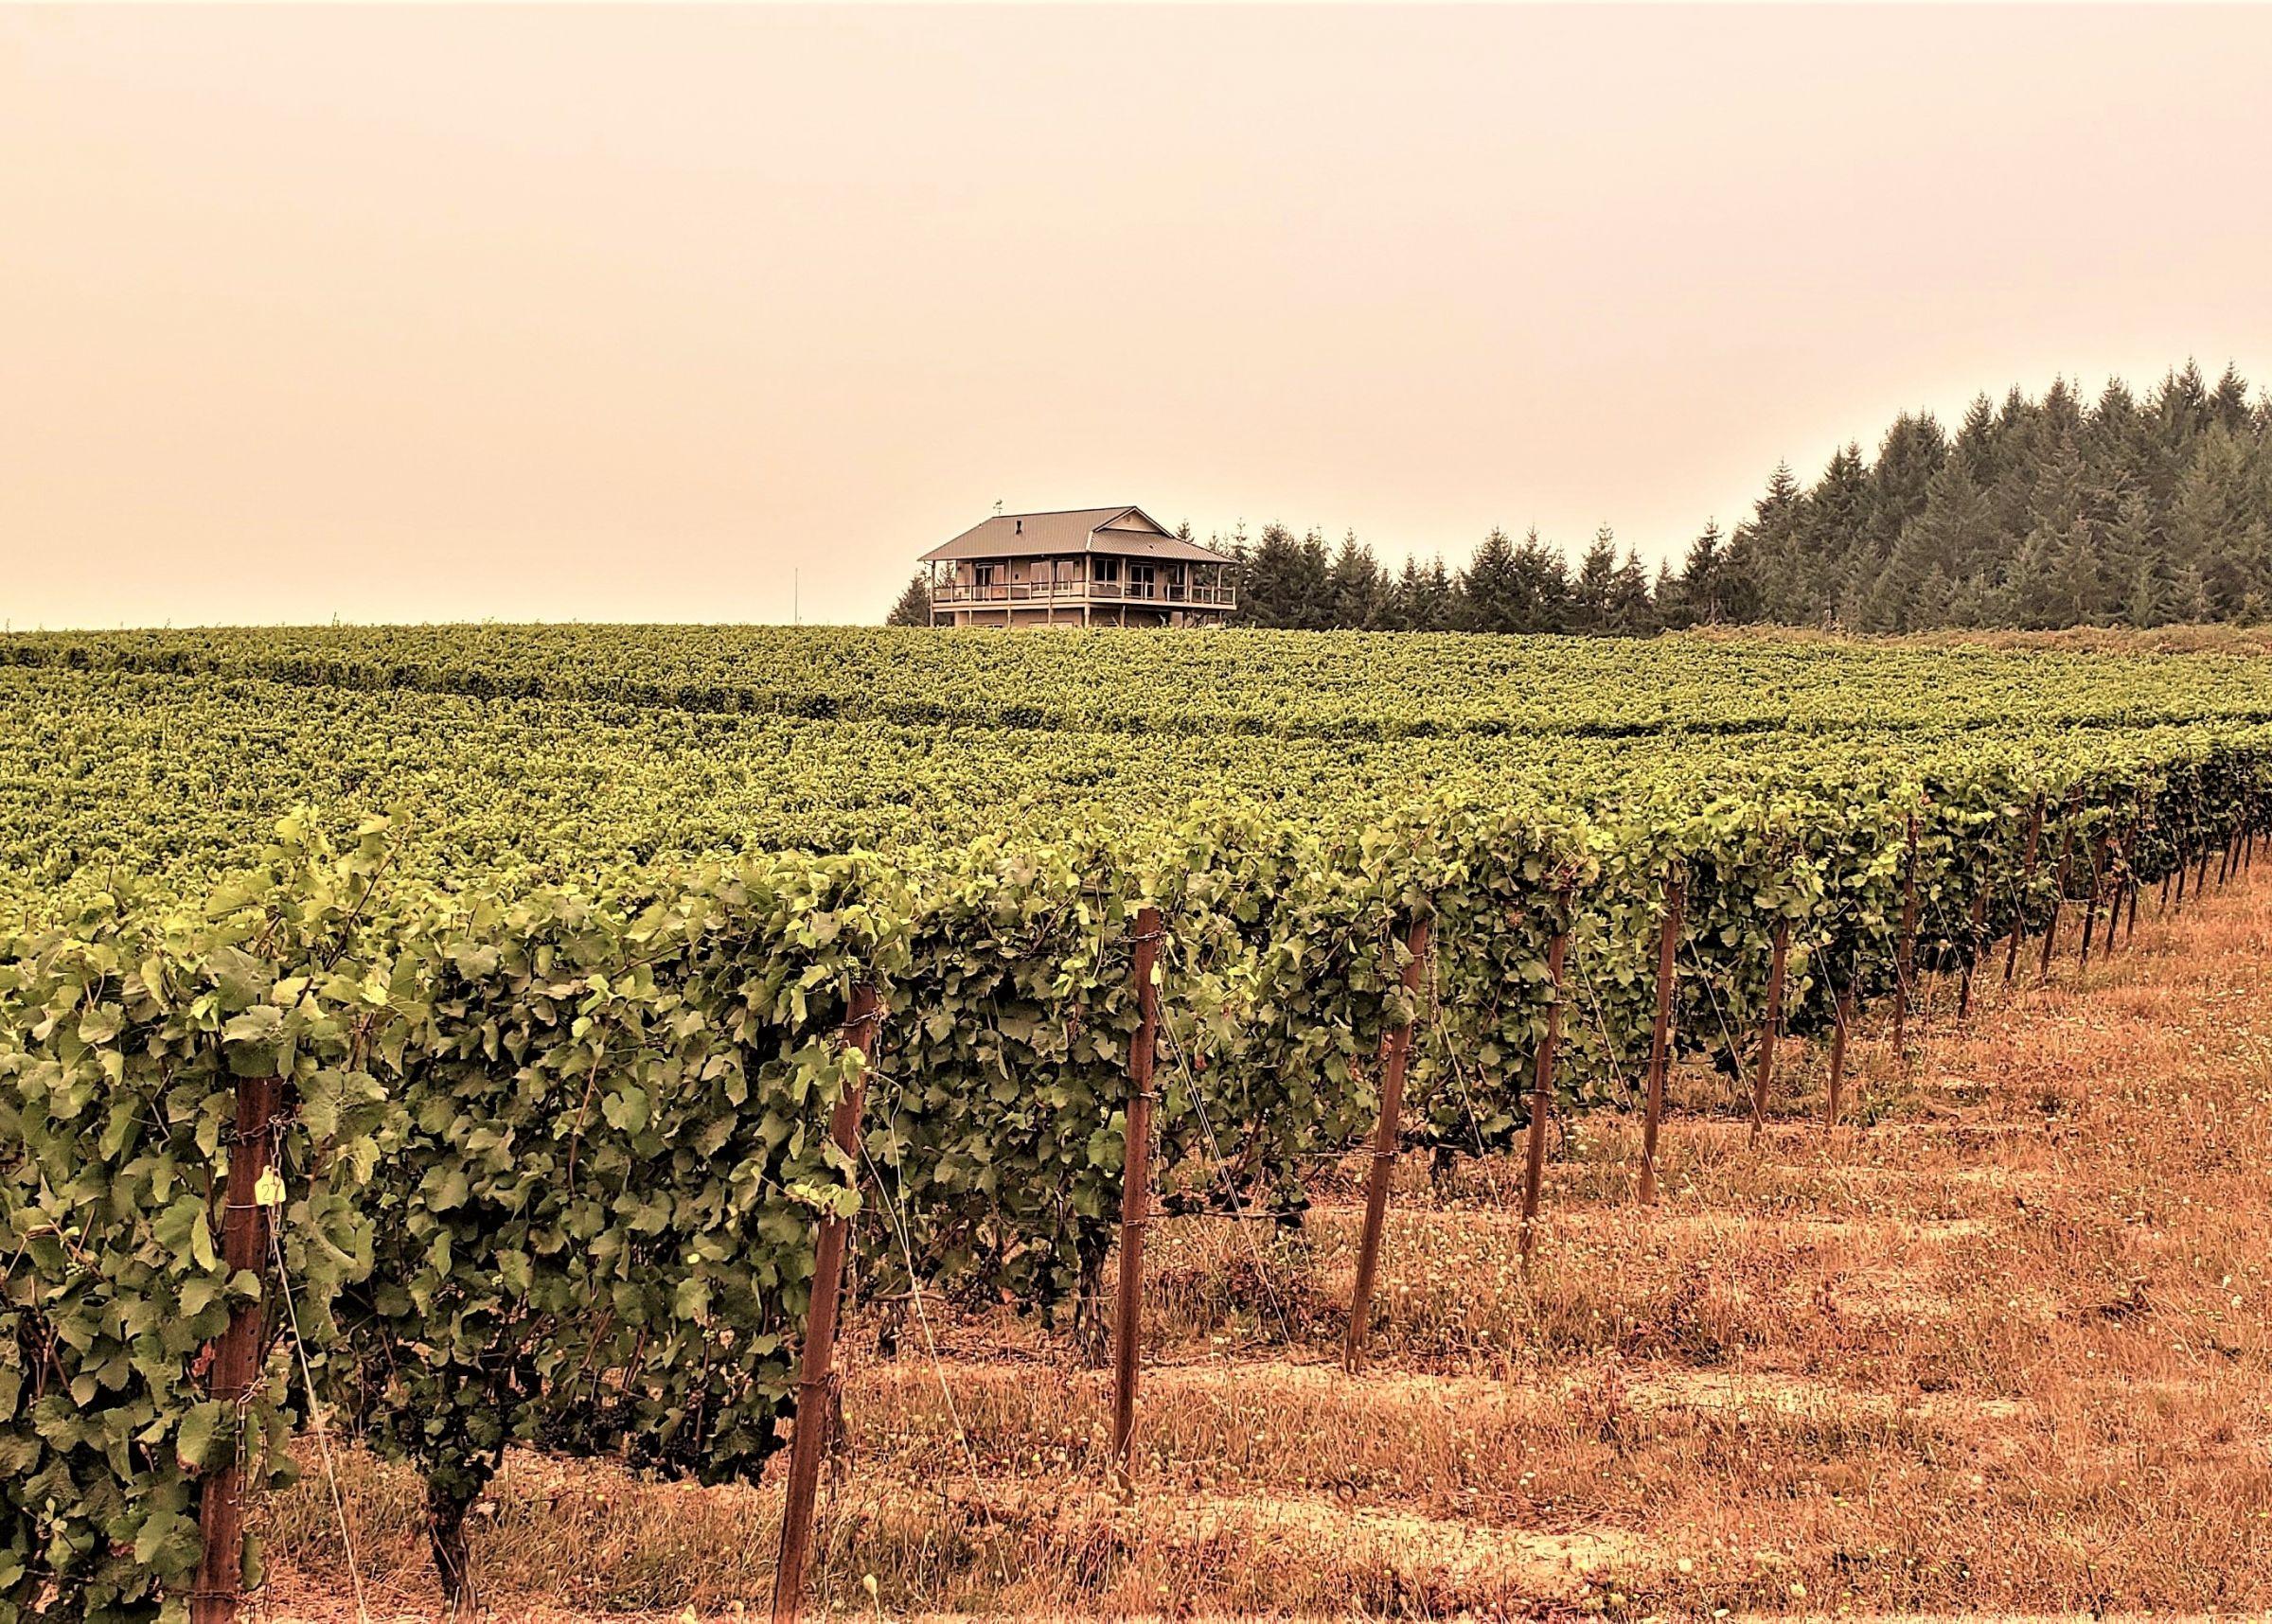 oregon-65-acres-listing-number-15179-0-2020-09-17-215314.jpg